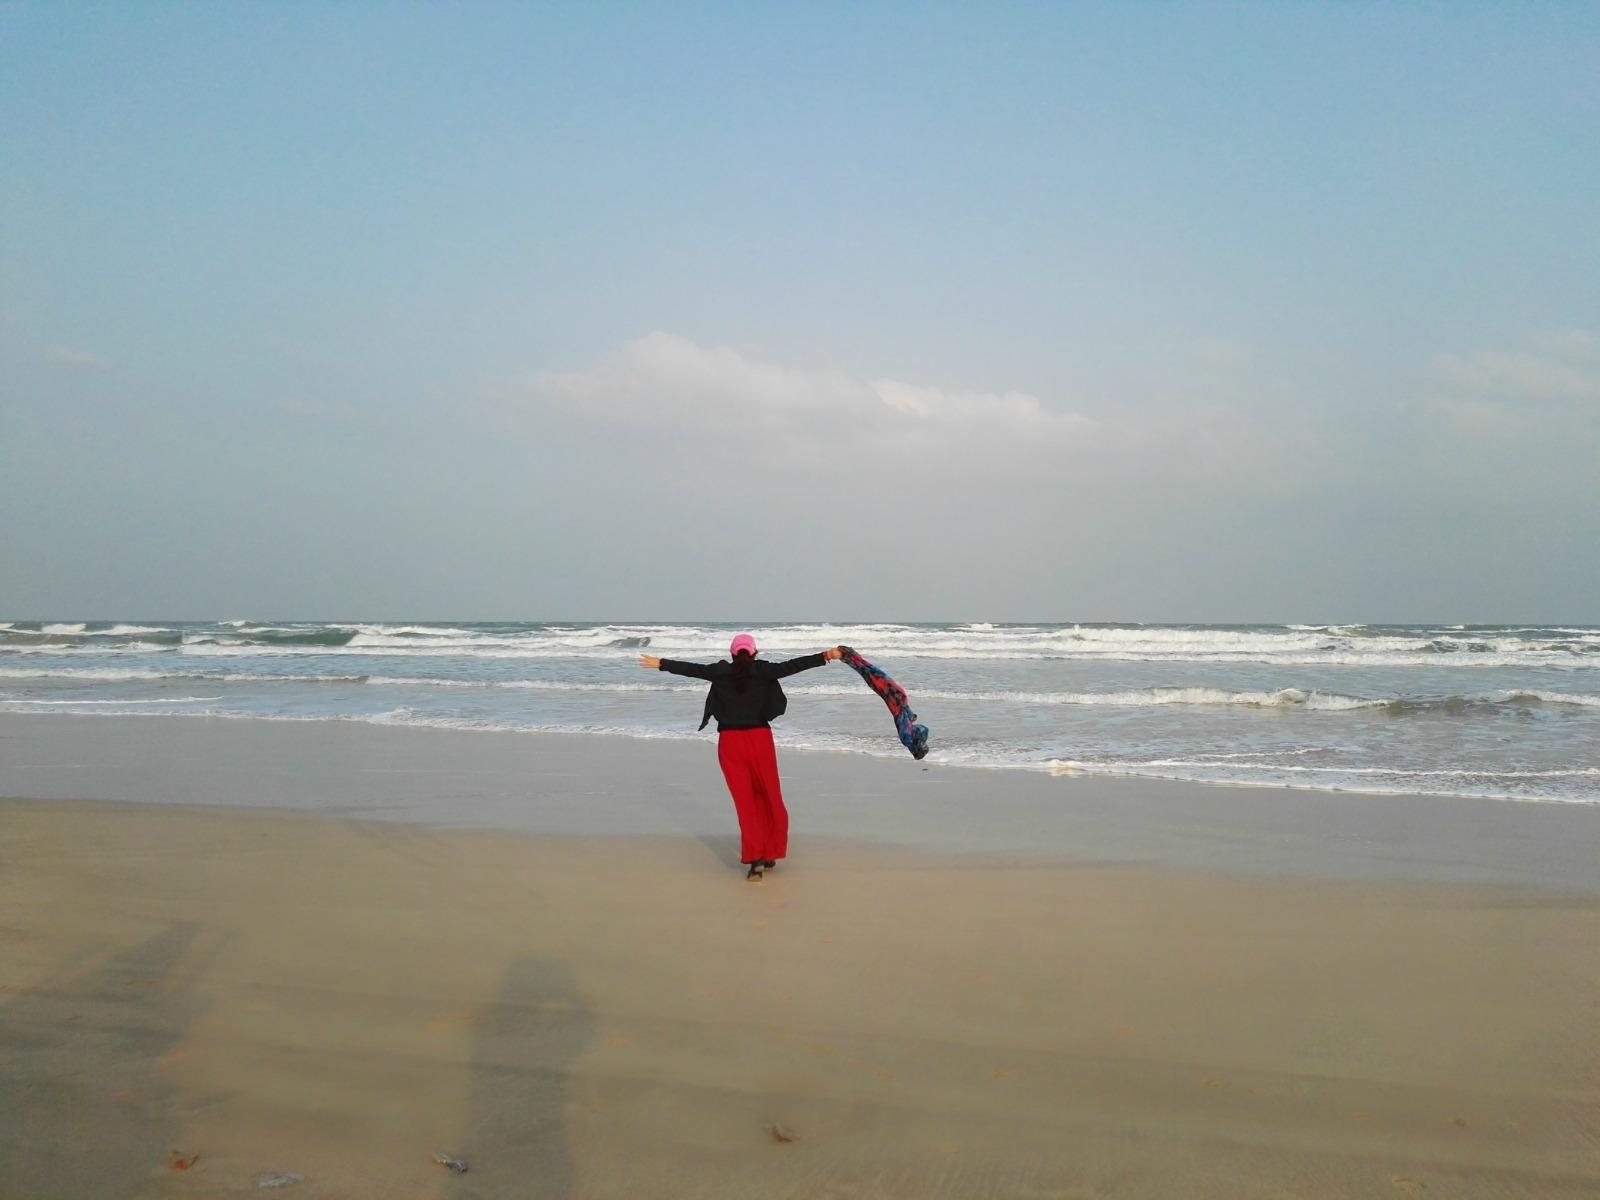 腻在海边的新春佳节